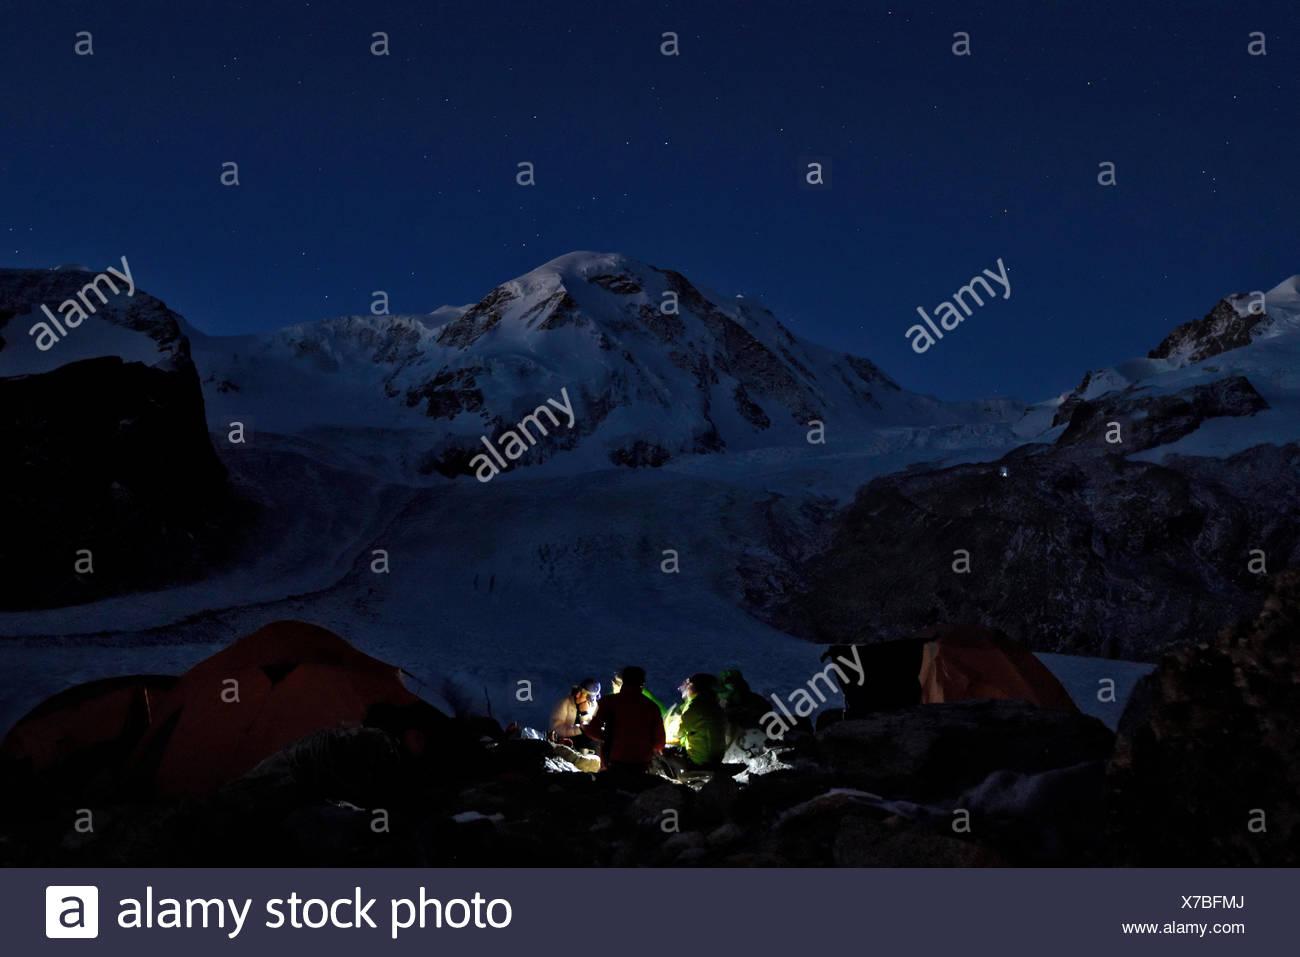 Vier italienische Höhlenforscher genießen ihre letzte Nacht auf dem Gletscher unter dem Sternenhimmel ihrer Mahlzeit. Die schwacher Umriss und Form der Gornergletsc Stockbild